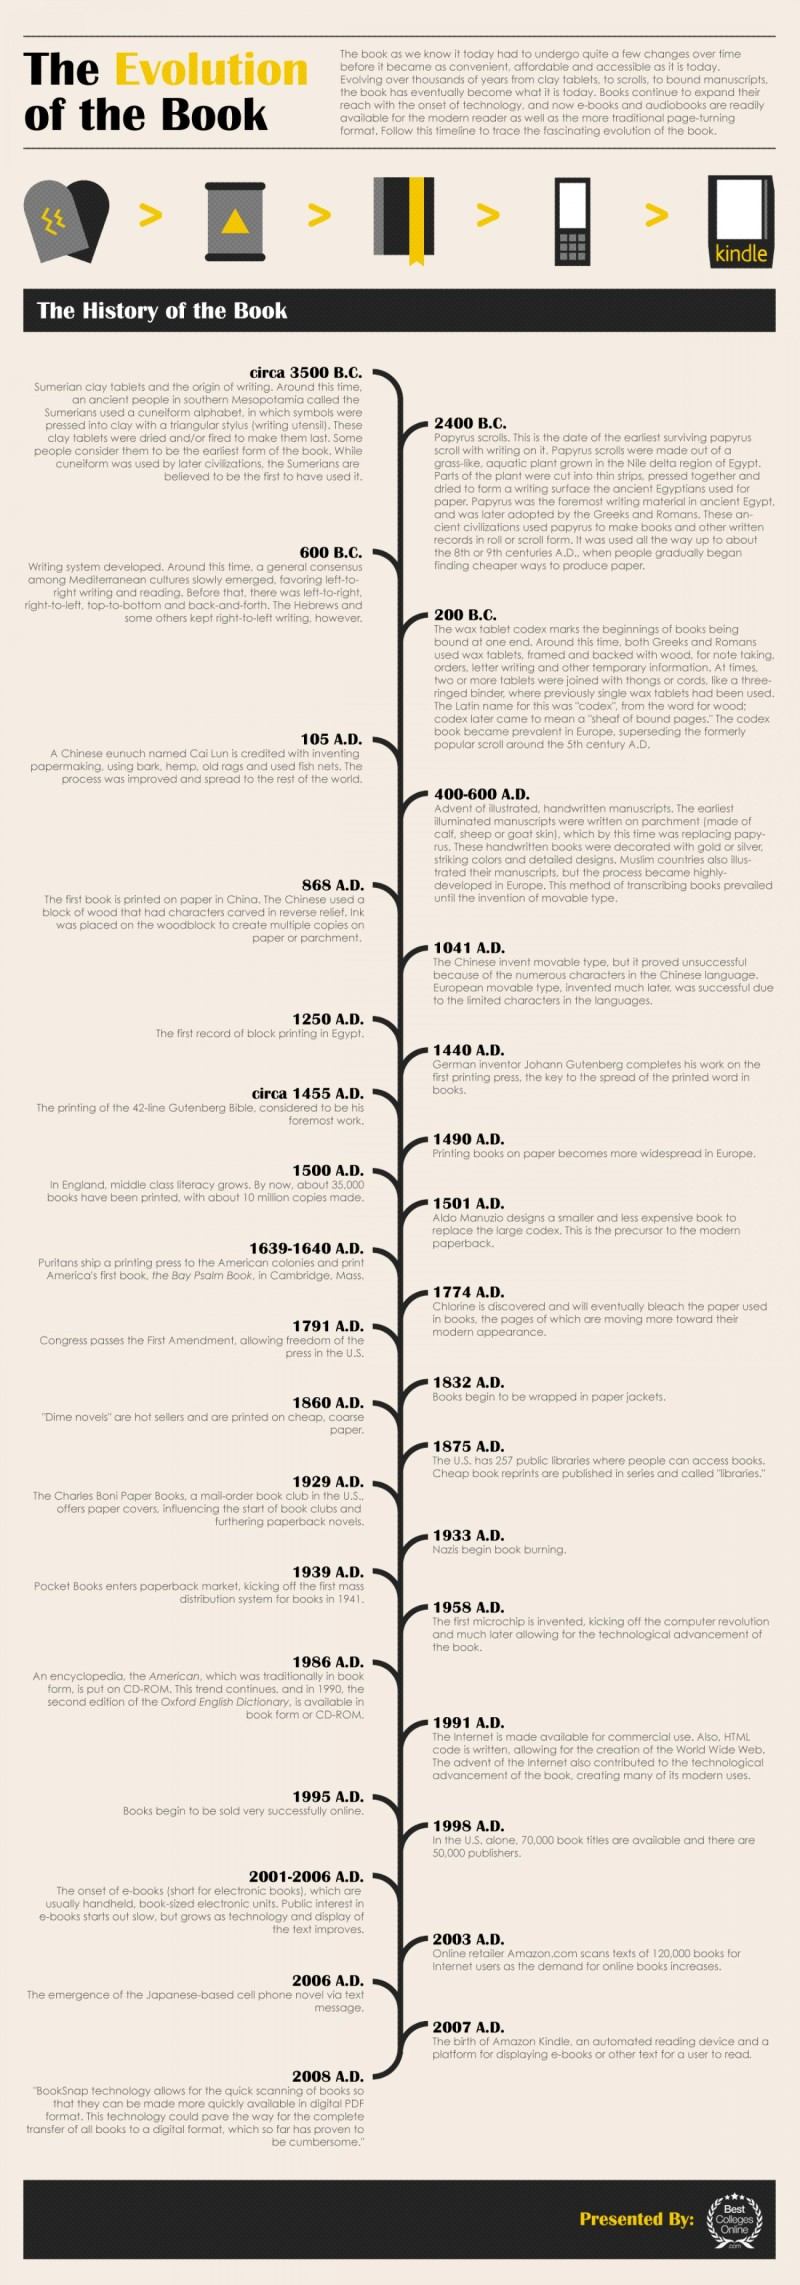 La Evolución del Libro